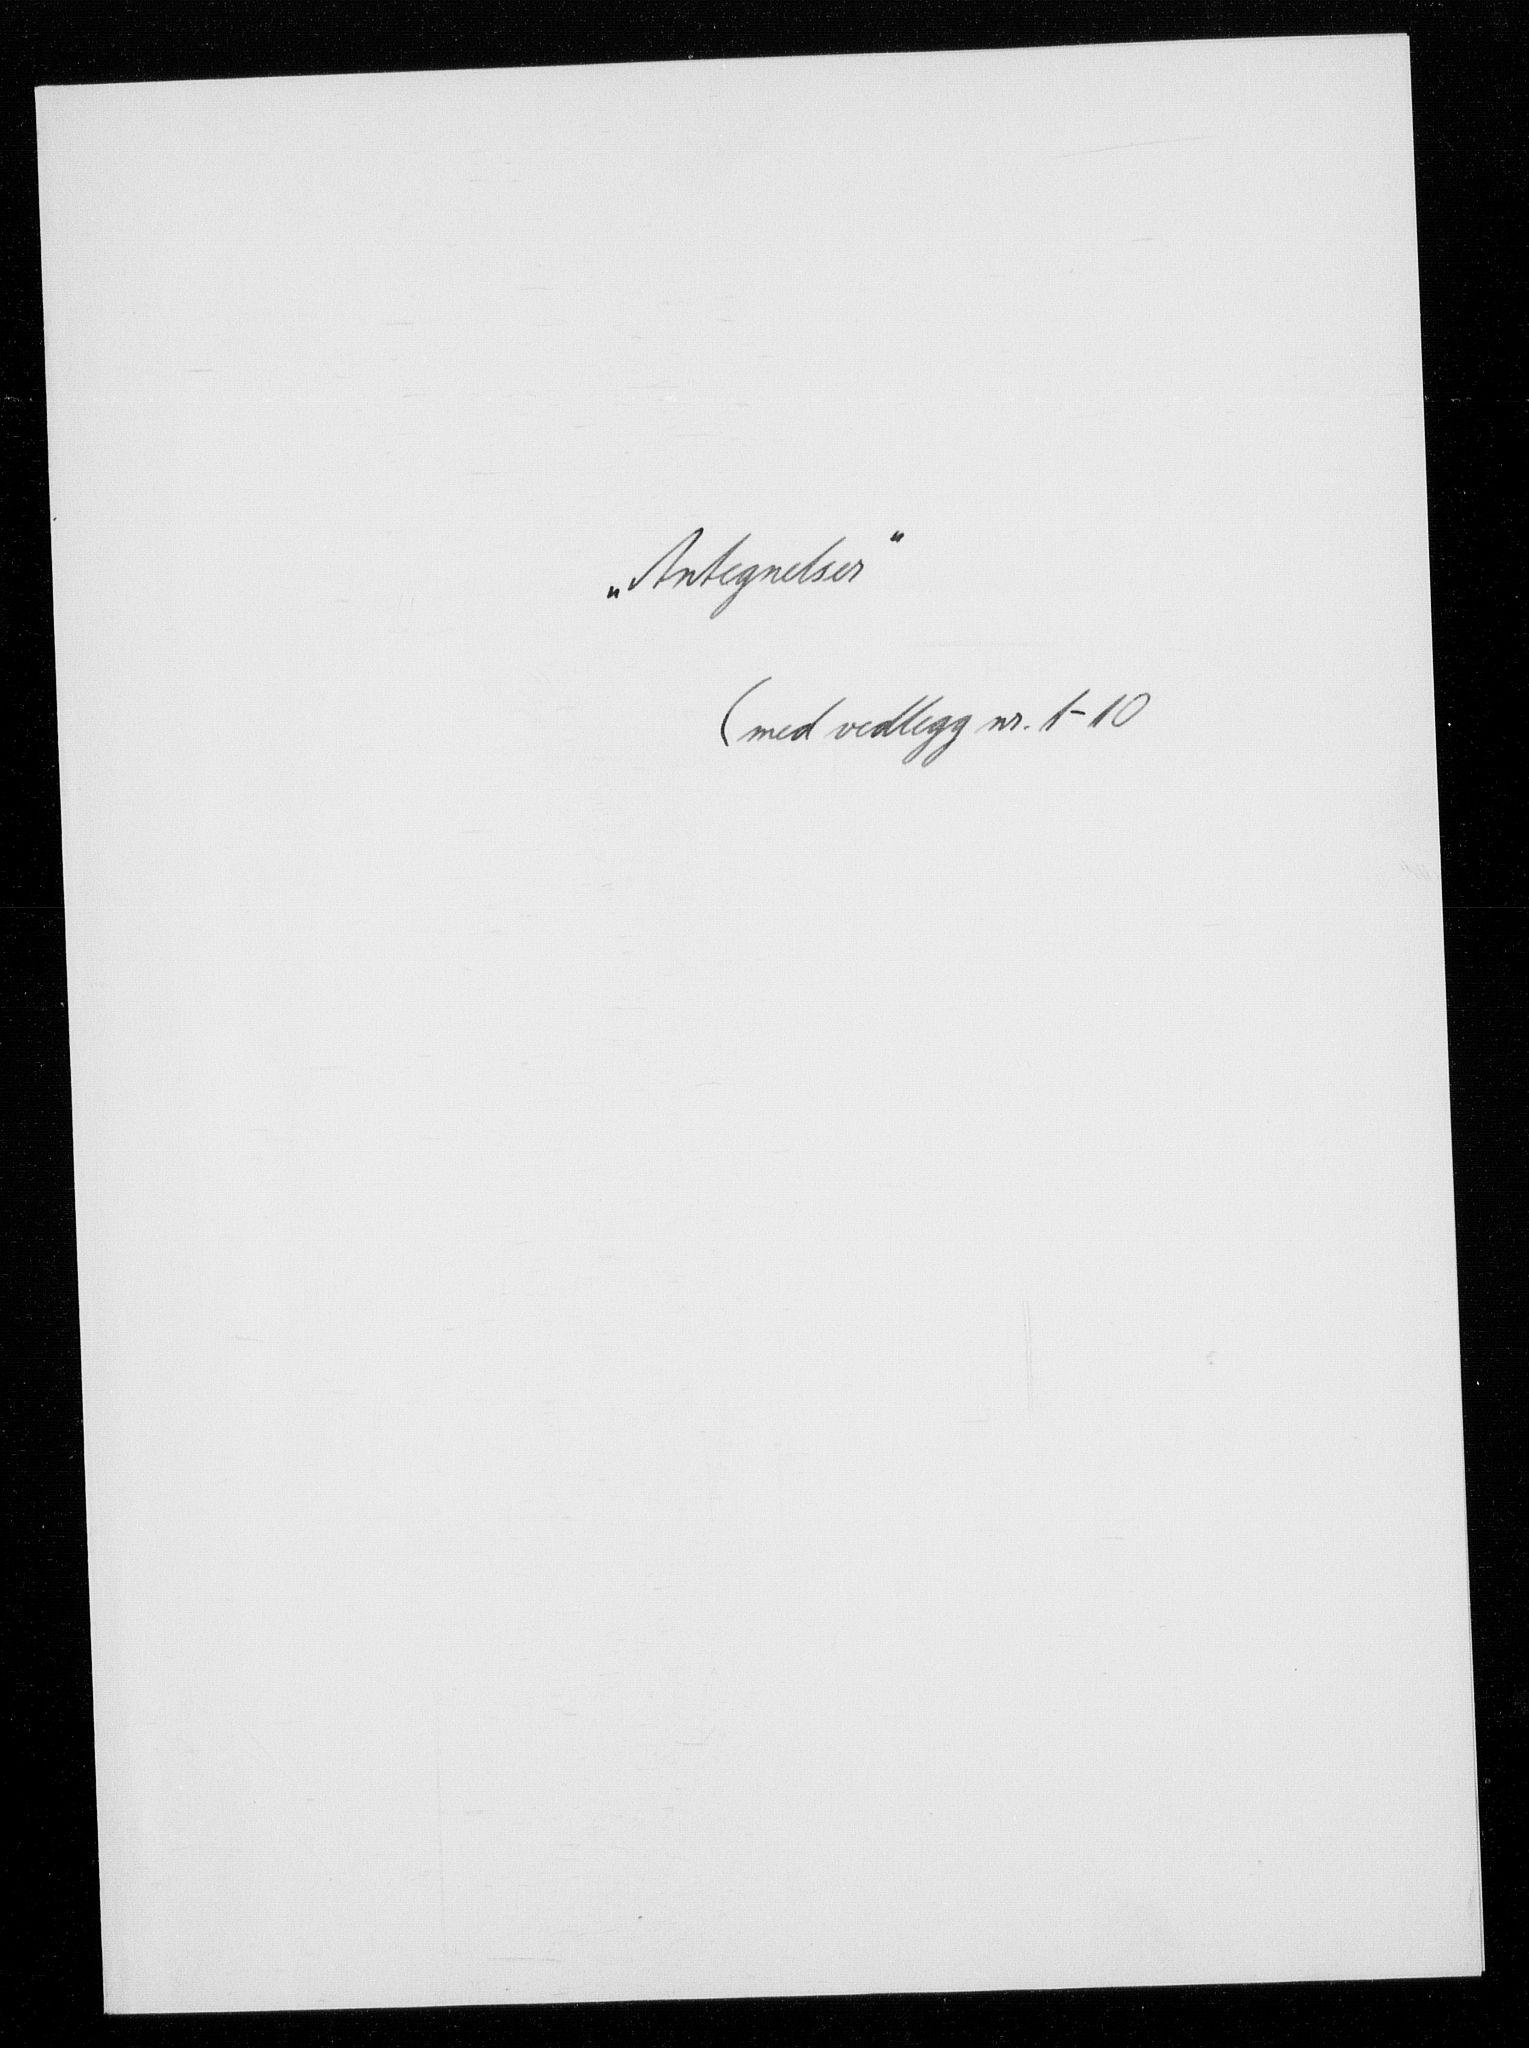 RA, Rentekammeret inntil 1814, Reviderte regnskaper, Fogderegnskap, R46/L2728: Fogderegnskap Jæren og Dalane, 1694-1696, s. 168